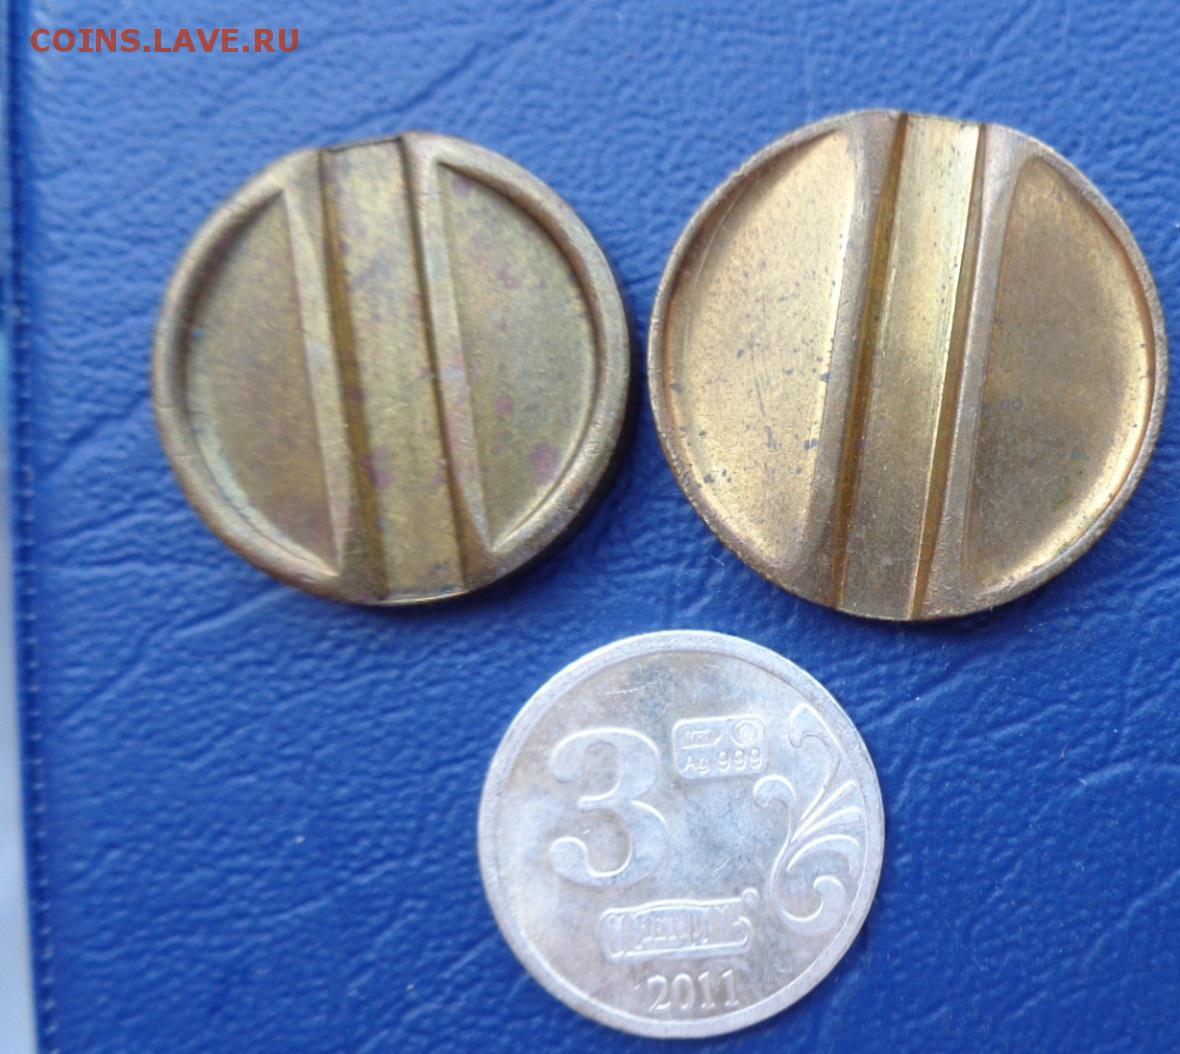 ценник жетонов минторга с с с р стирке изделий смешанными